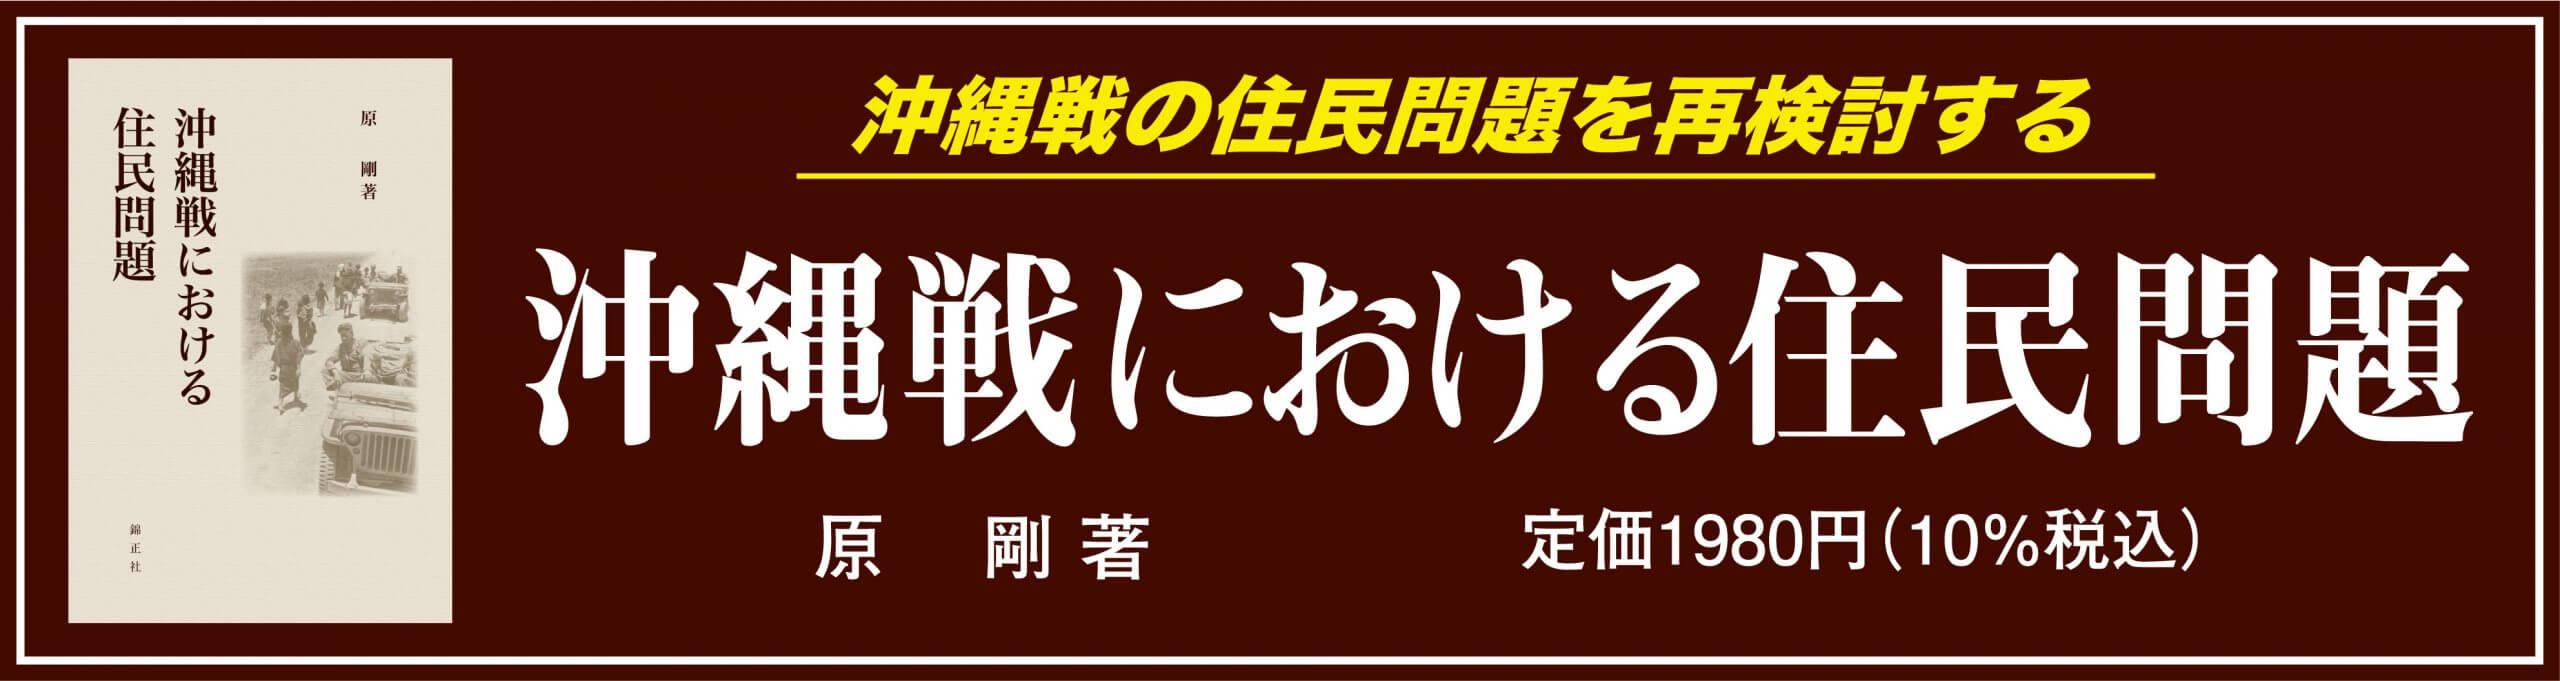 沖縄戦における住民問題